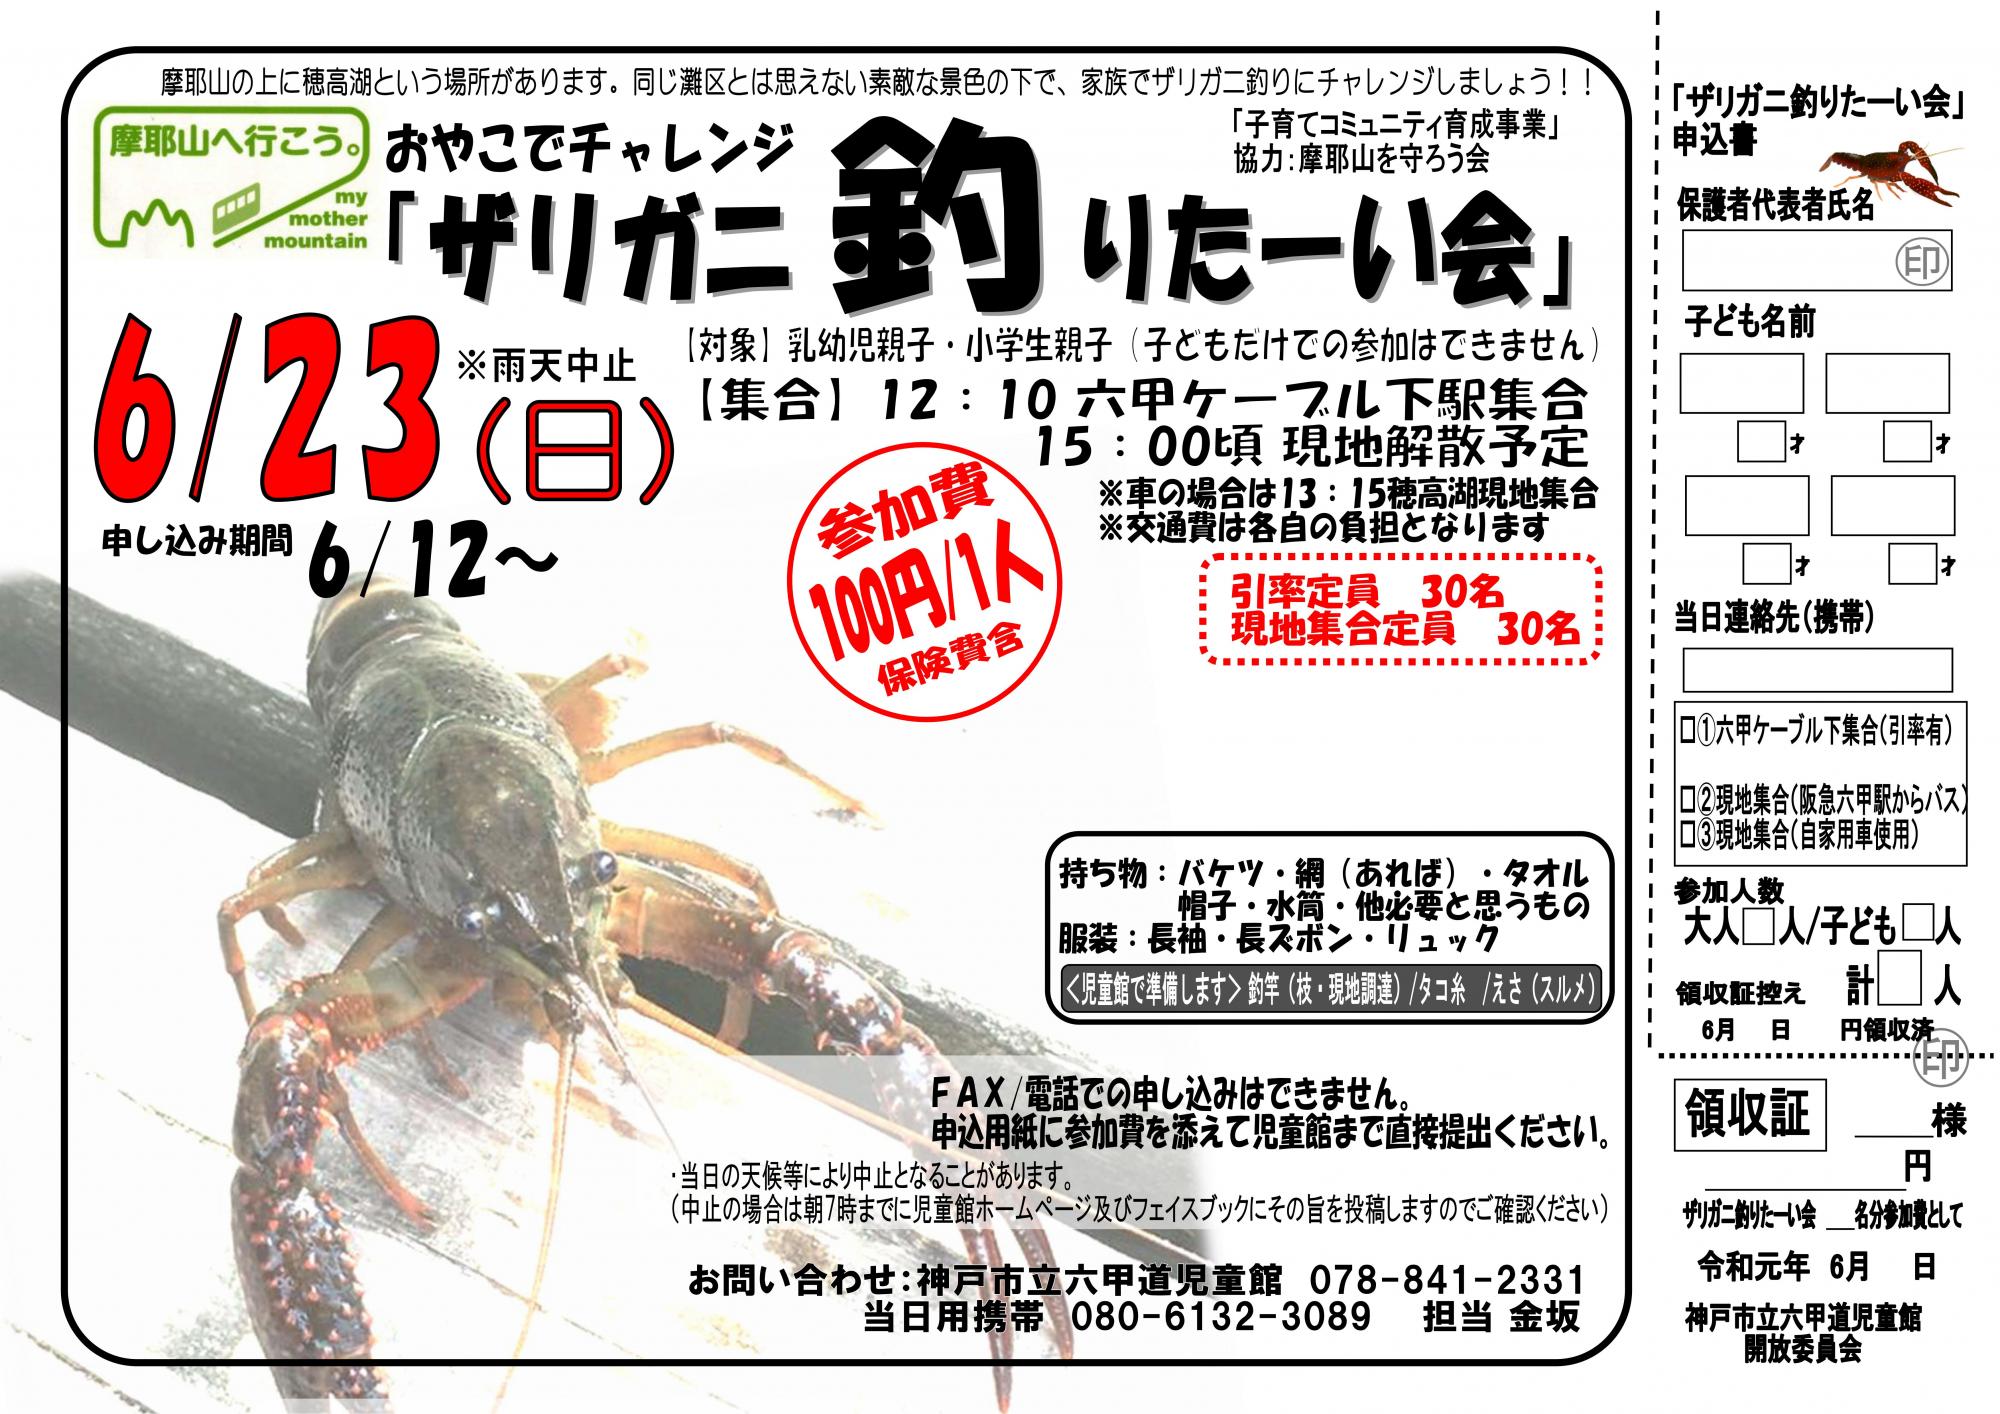 神戸市立六甲道児童館『親子でザリガニ釣りたーい会』